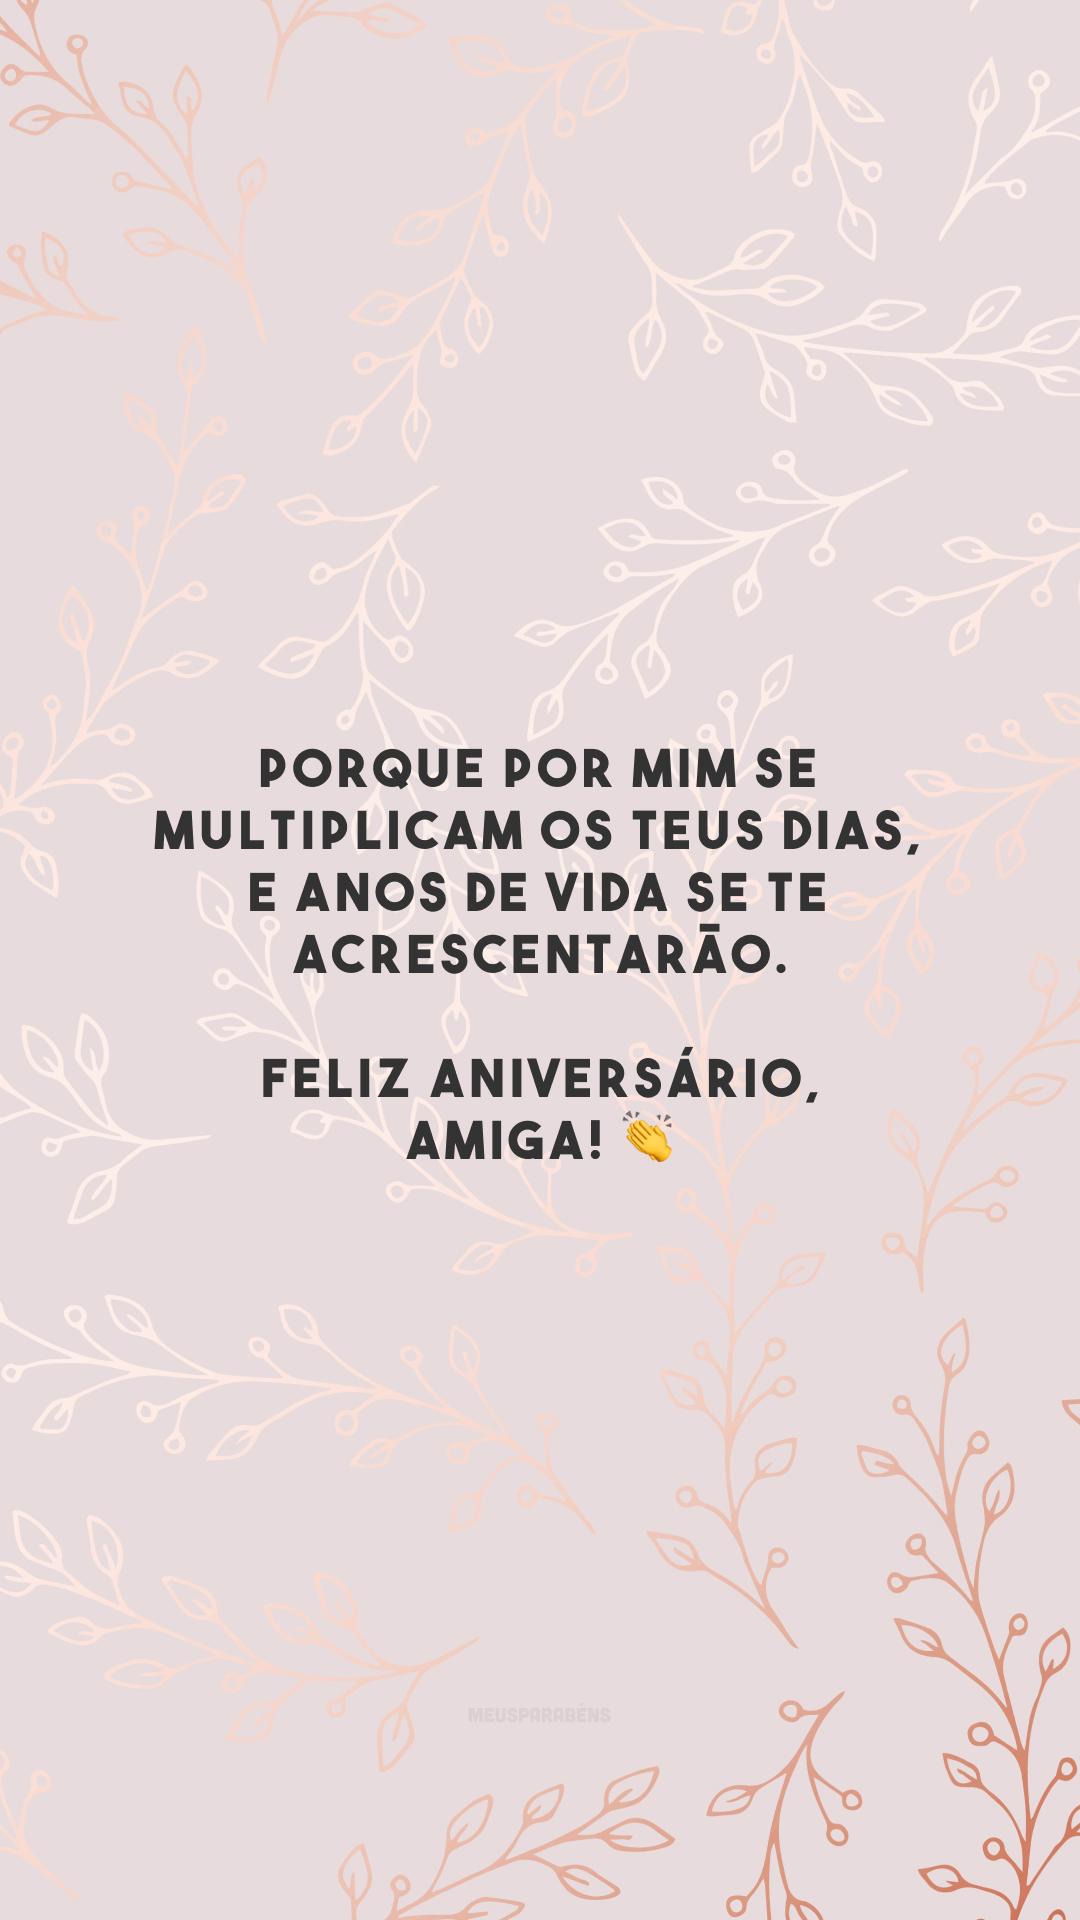 Porque por mim se multiplicam os teus dias, e anos de vida se te acrescentarão. Feliz aniversário, amiga! 👏